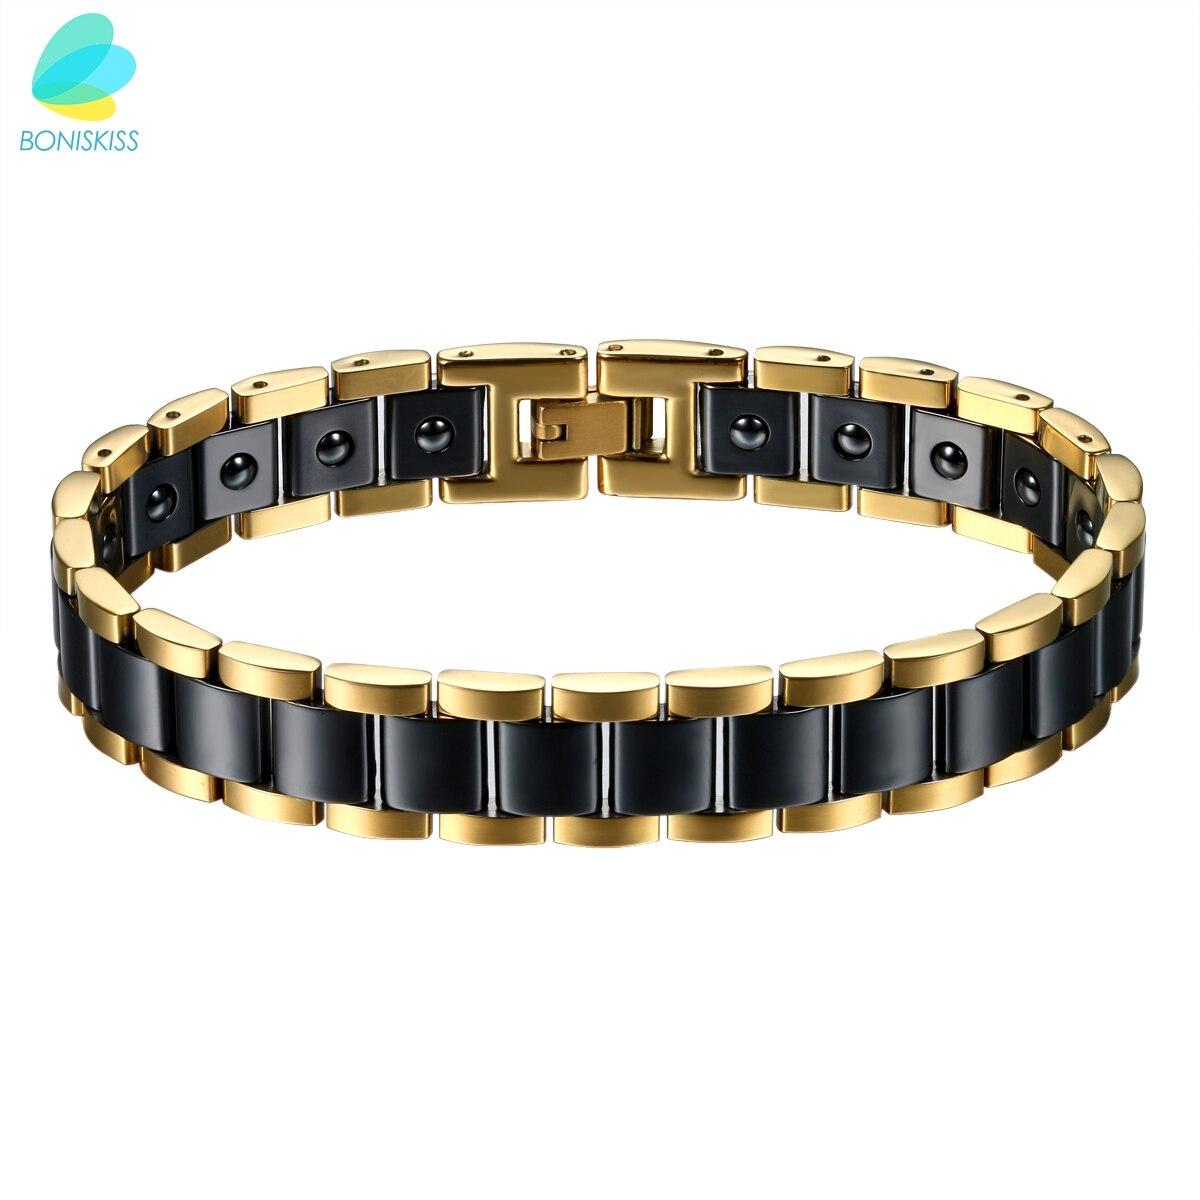 Online Shop Boniskiss Pria Berat Besar Kesehatan Energi Keramik Bio Gelang Magnetic Stainless Steel Hitam Gold Putih Aliexpress Mobile